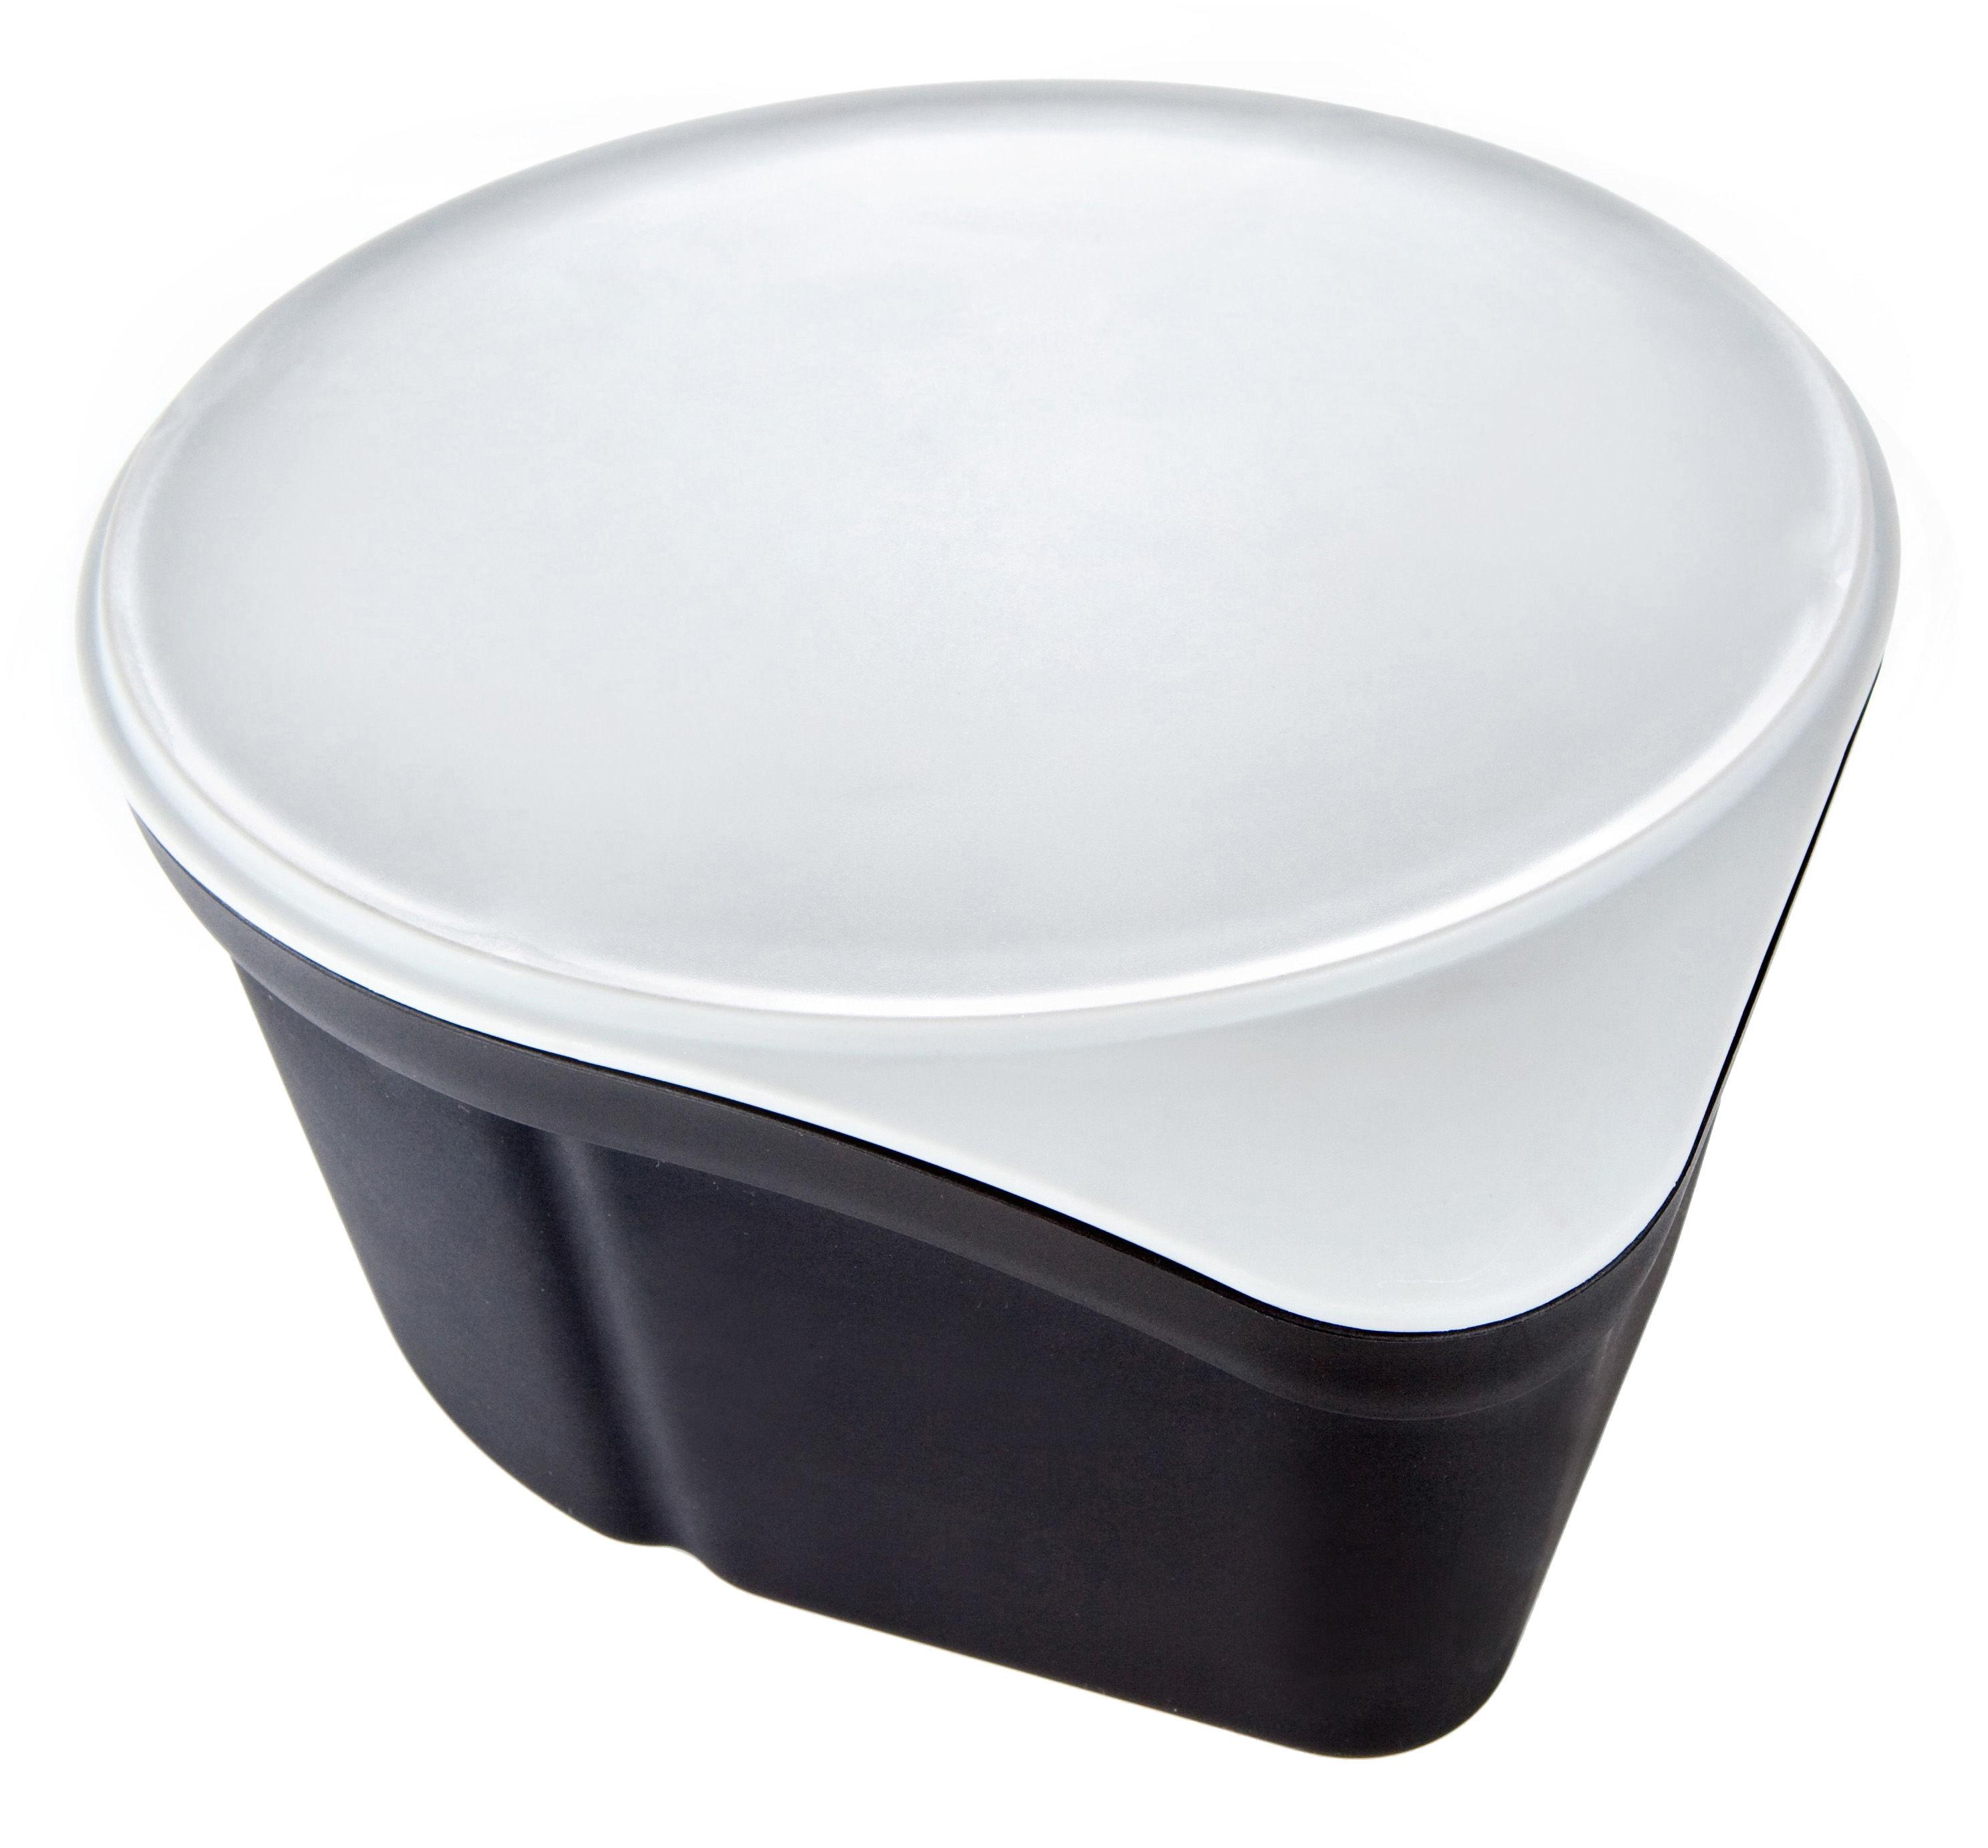 poubelle de table anthracite gris royal vkb. Black Bedroom Furniture Sets. Home Design Ideas